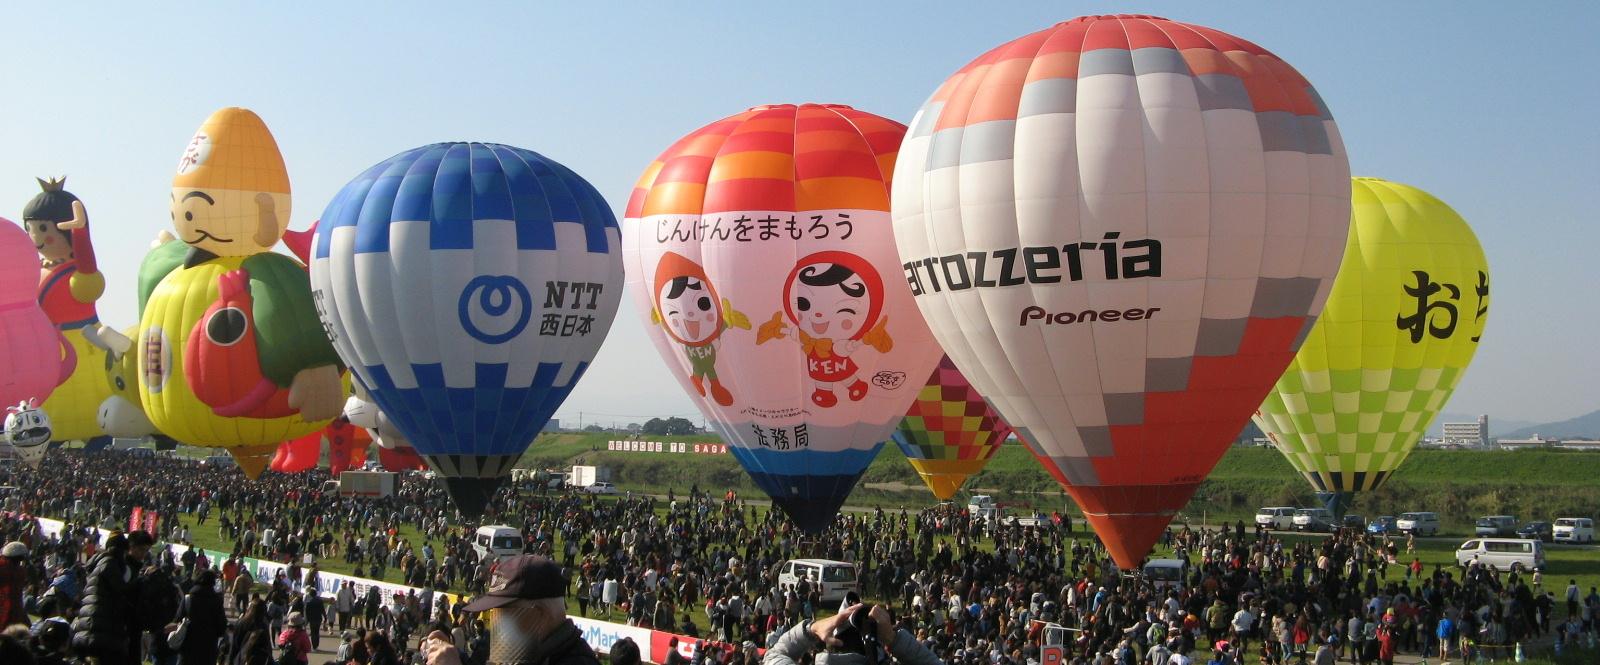 ballon1600x665.jpg